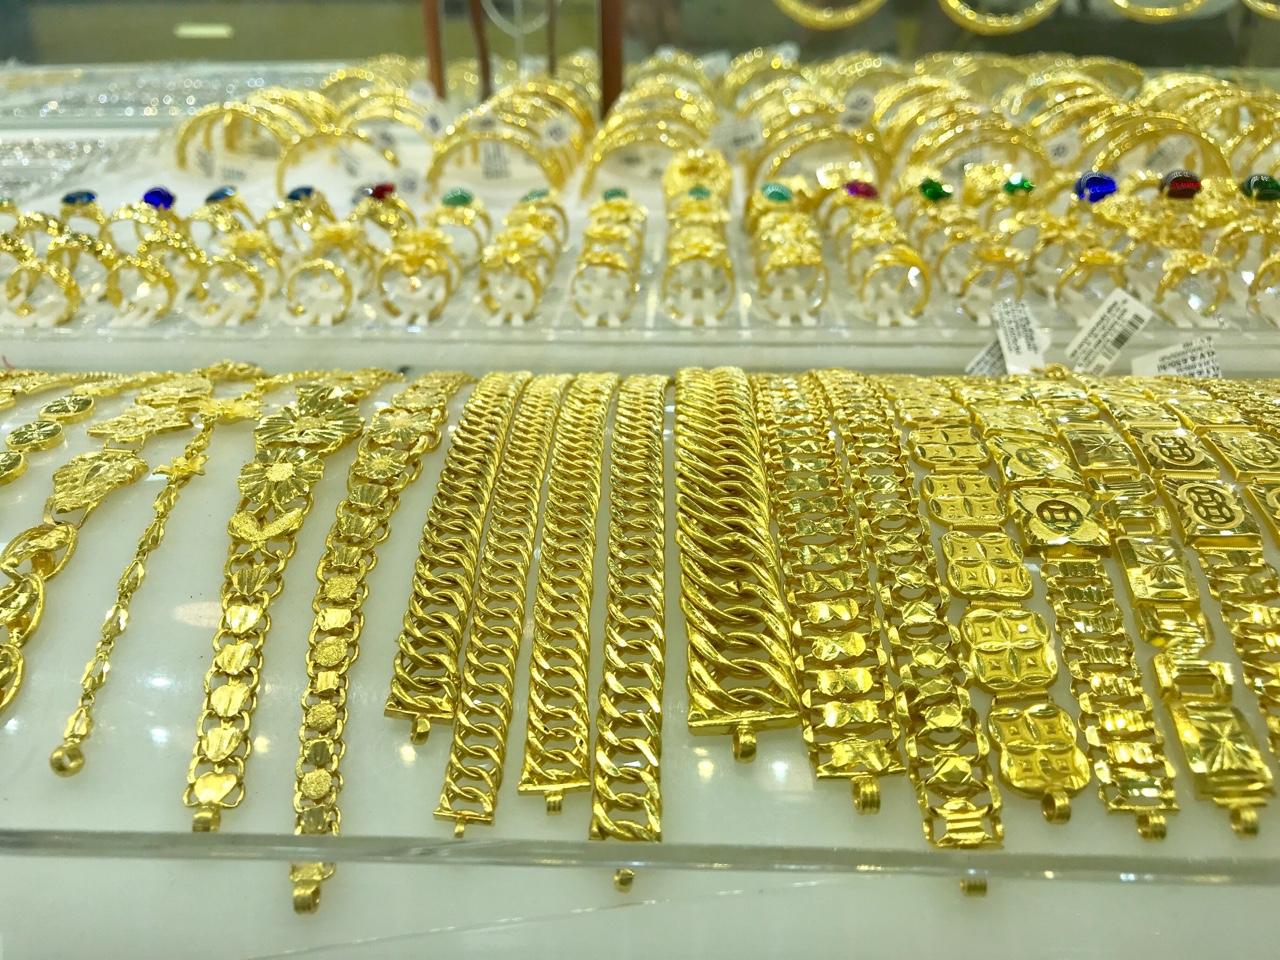 Giá vàng hôm nay 26/4: Vàng miếng SJC giảm 250.000 đồng/lượng trong phiên đầu tuần - Ảnh 1.